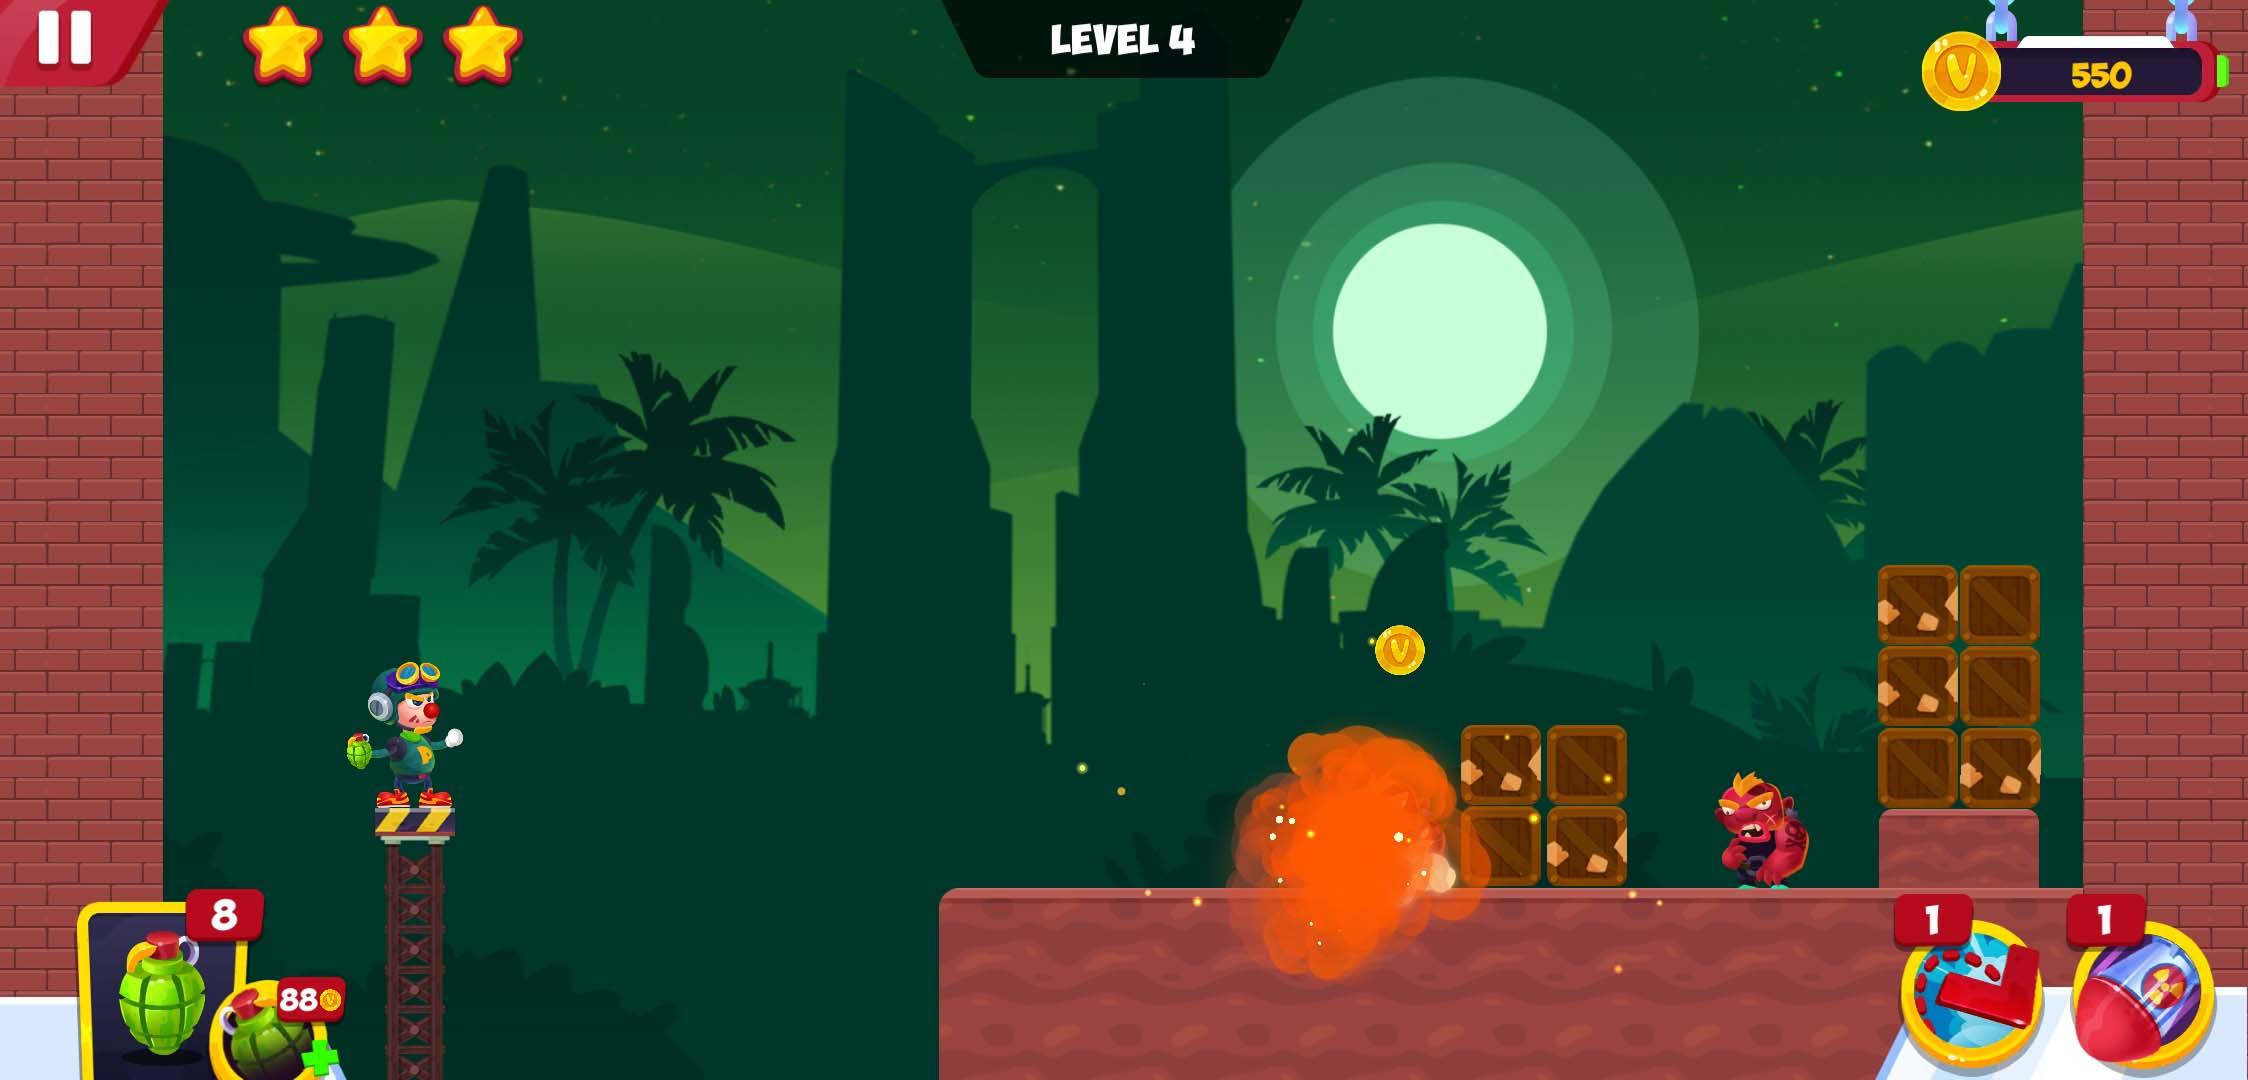 有趣的小游戏 轰炸绿化版